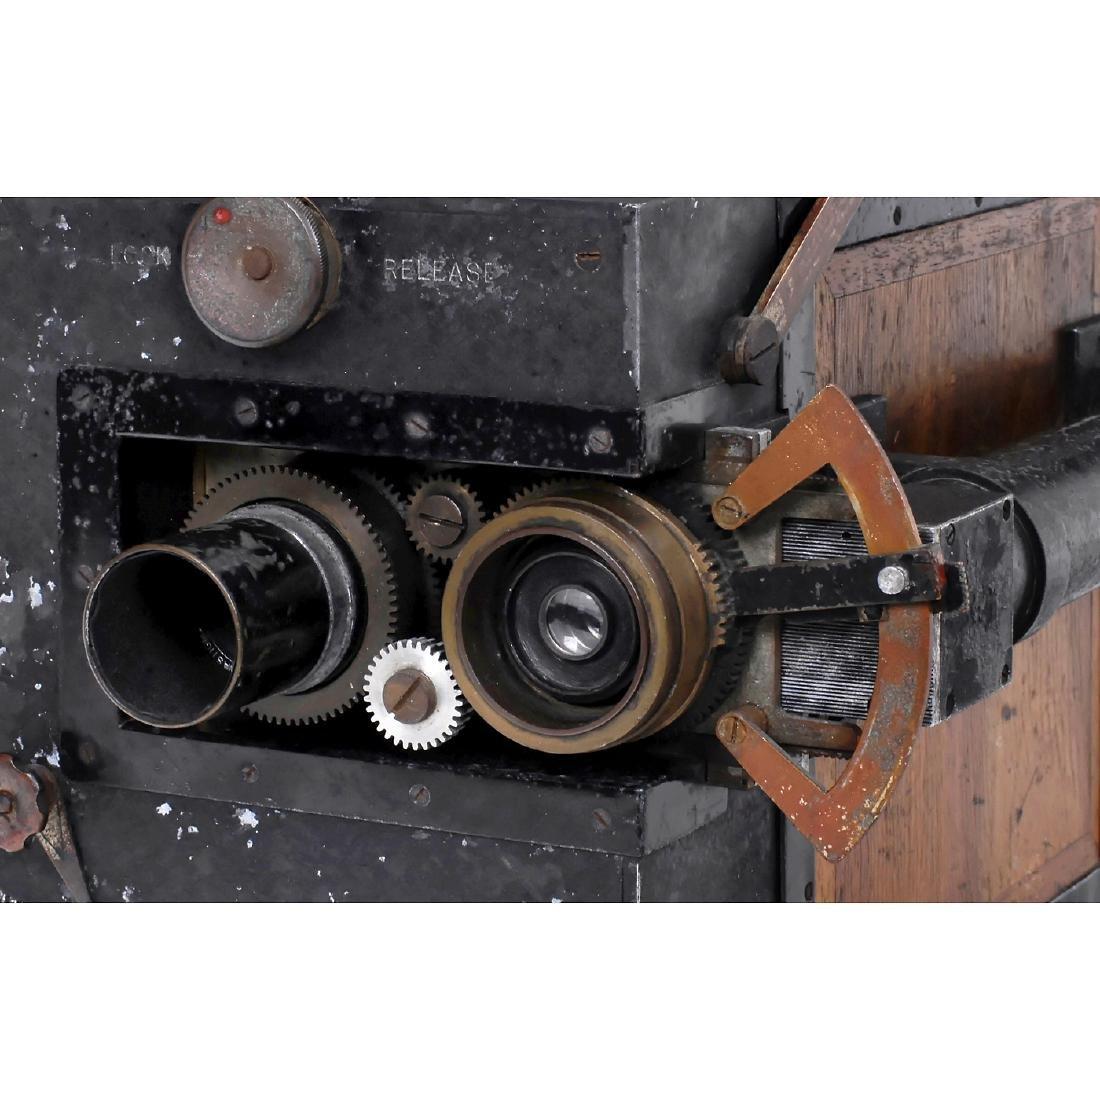 Debrie/Vinten Camera, c. 1922 - 2